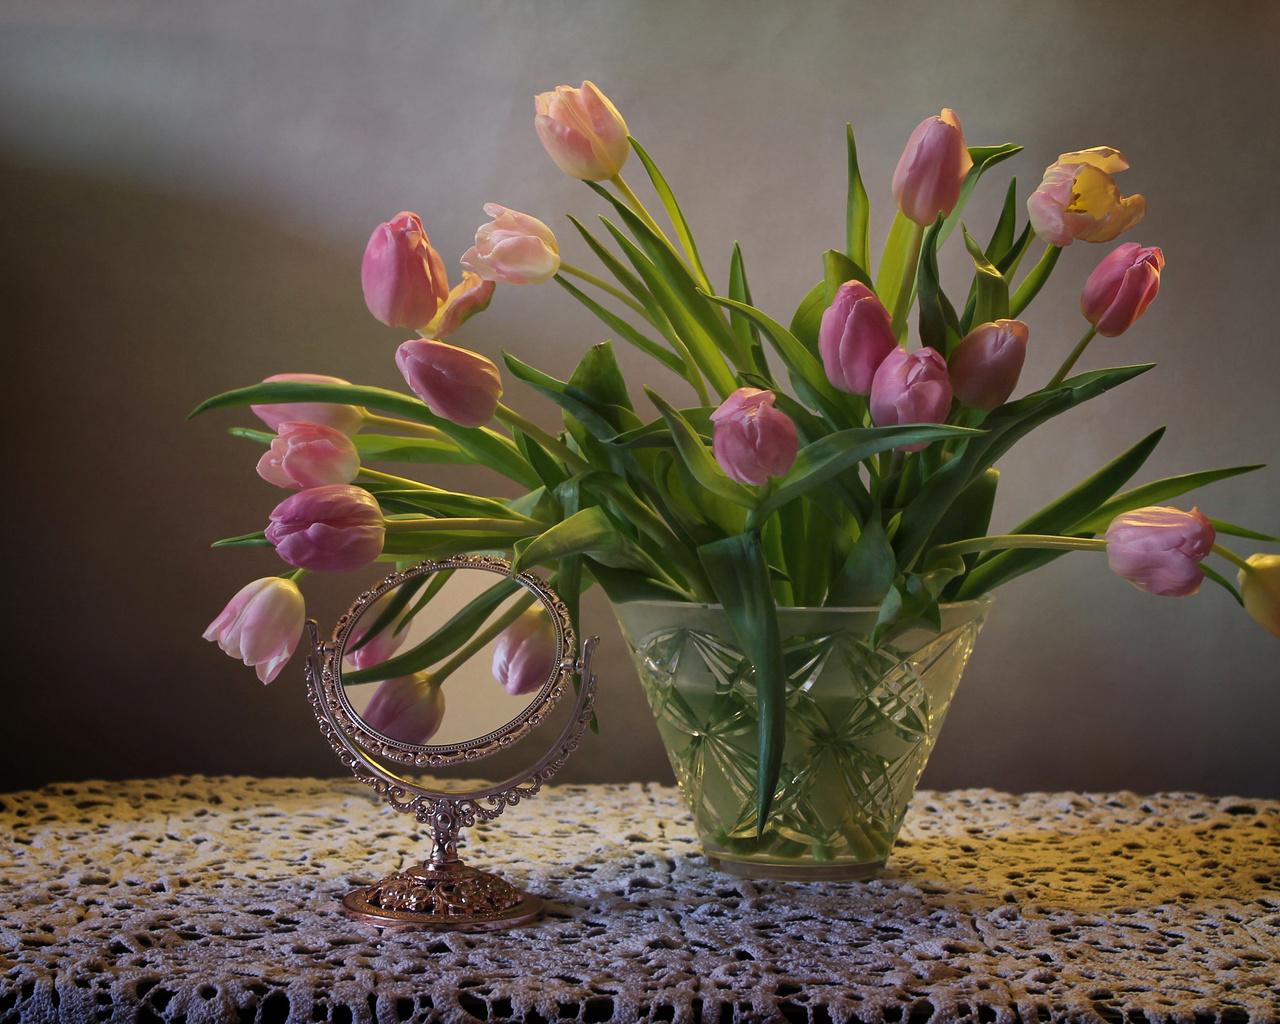 салфетка, ваза, цветы, тюльпаны, зеркало